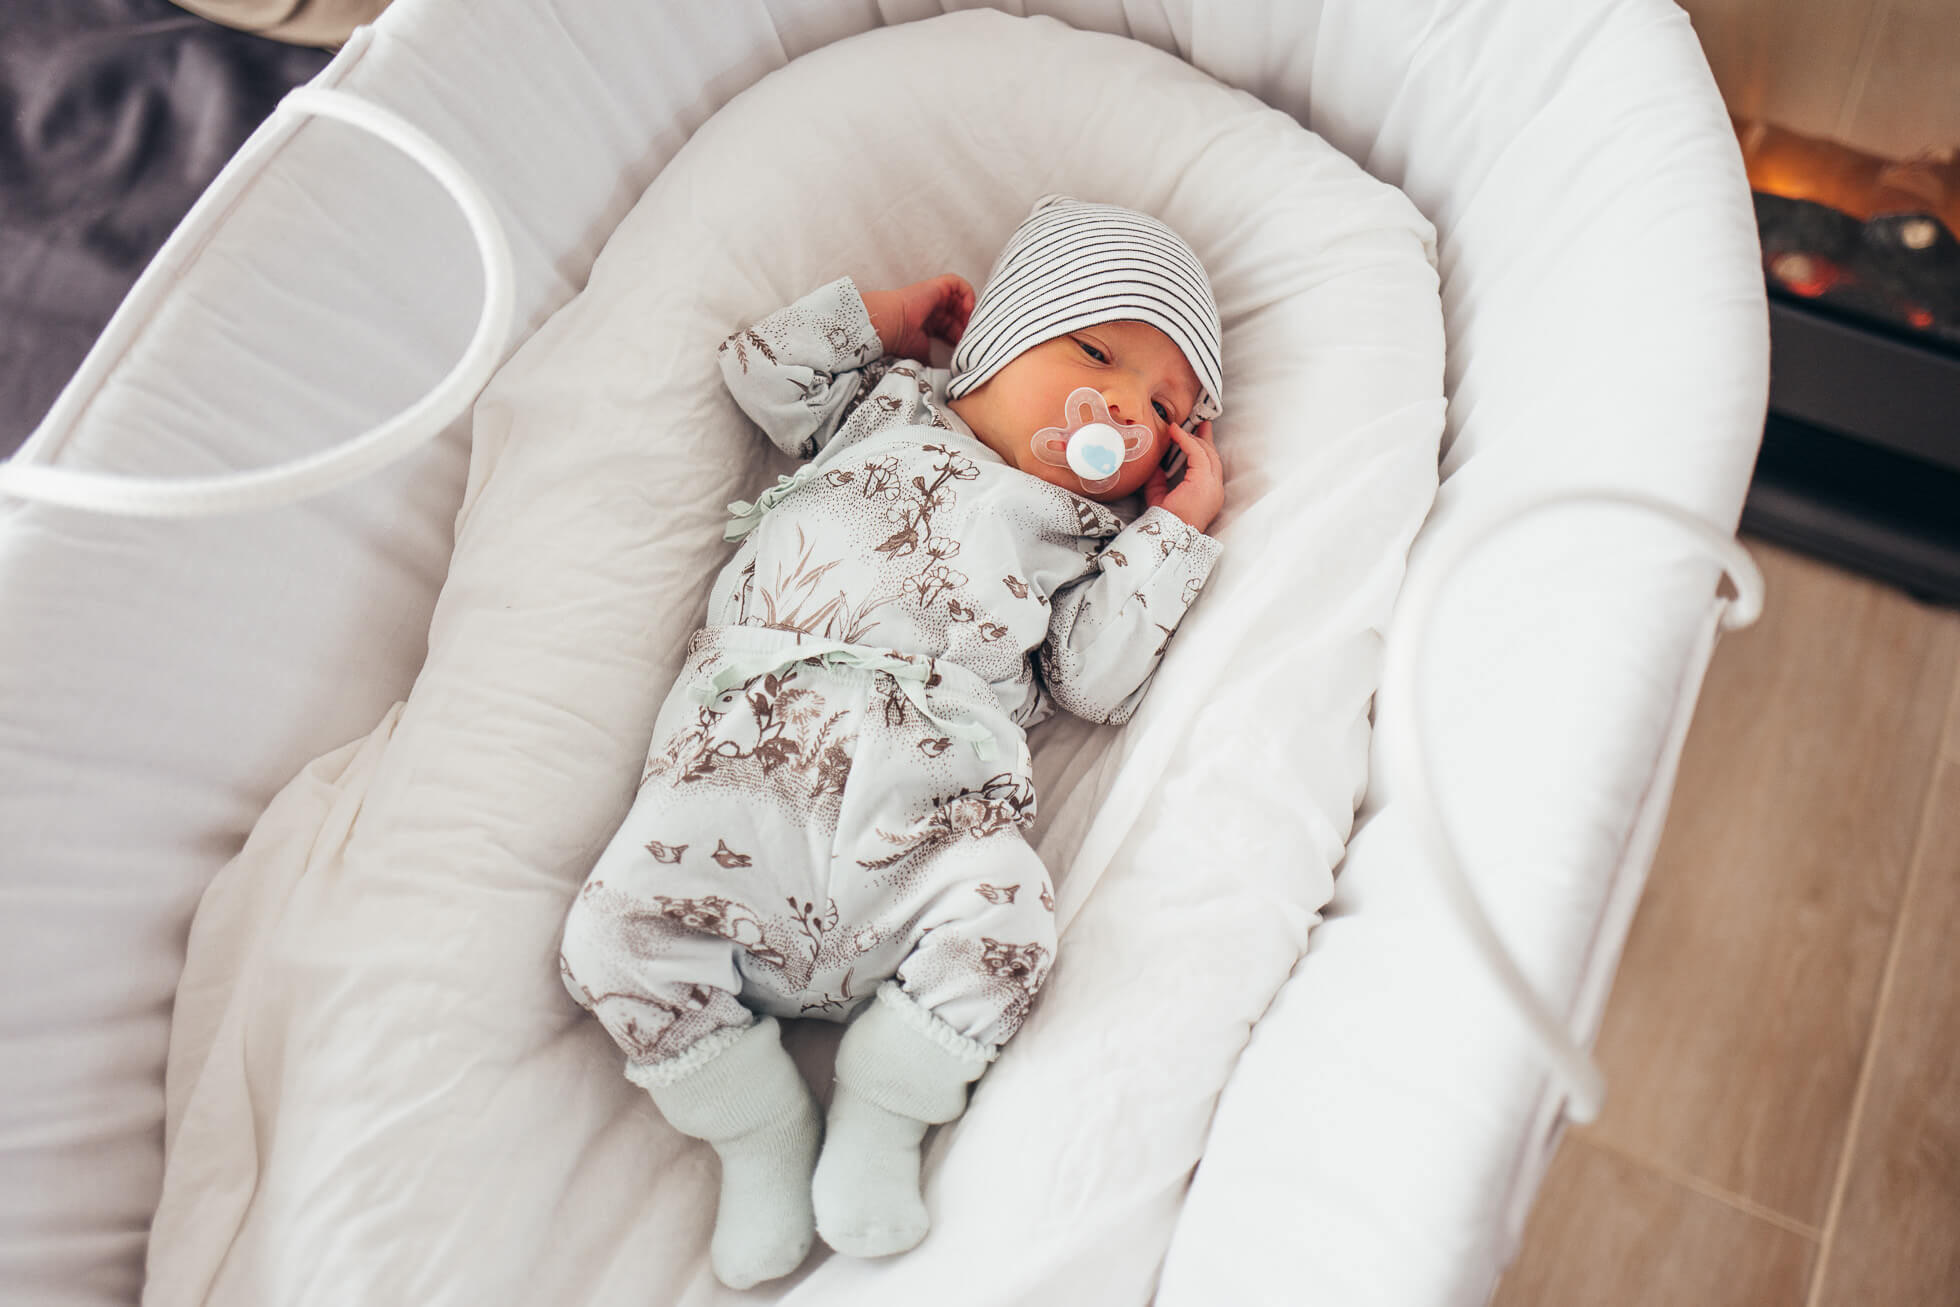 janni-deler-baby-lovel1200763